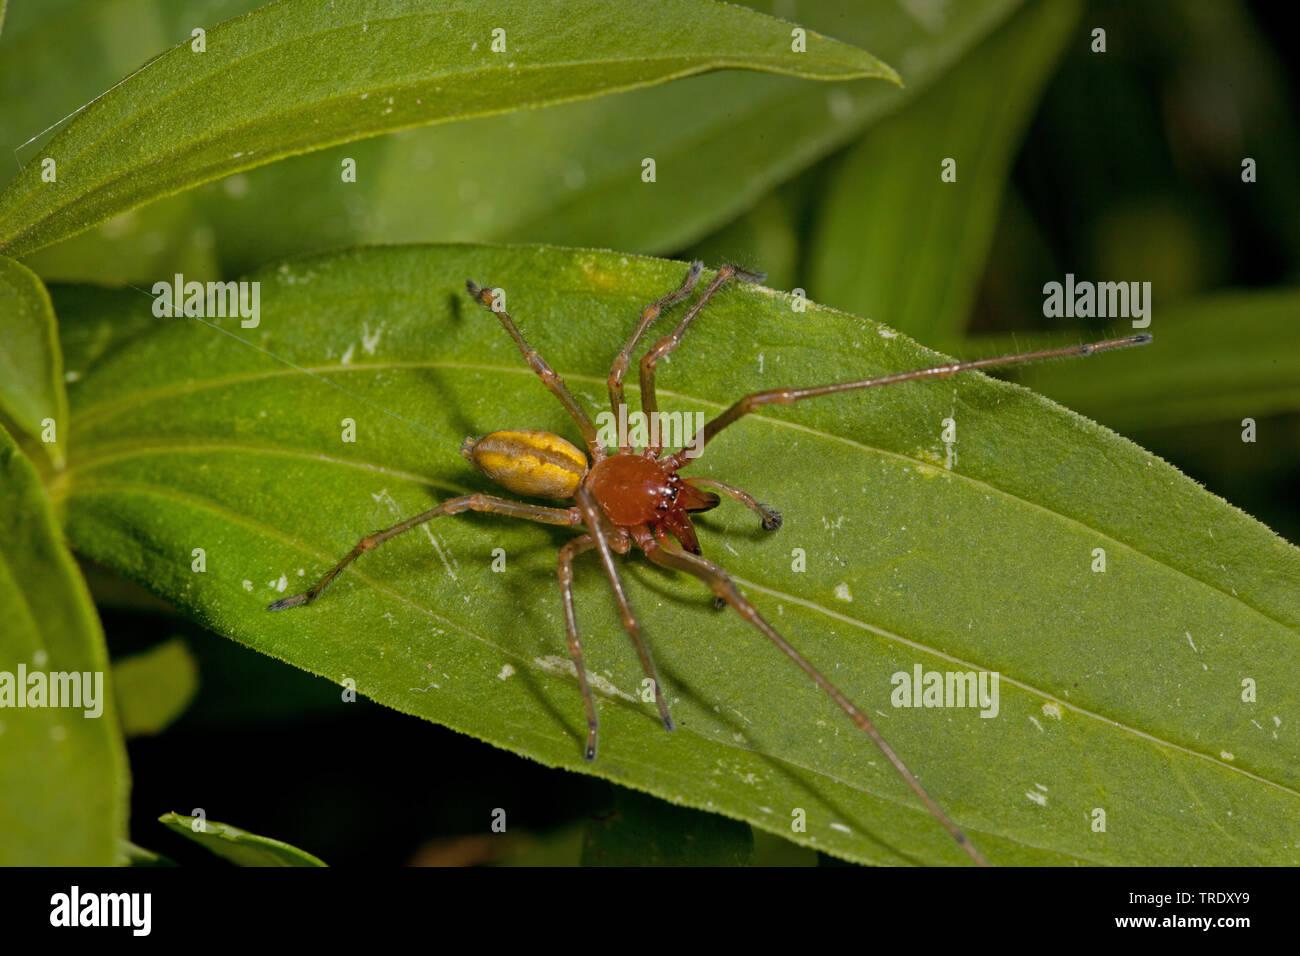 Dornfinger, Ammen-Dornfinger, Ammendornfinger (Cheiracanthium punctorium), sitzt auf einem Blatt, Deutschland | European sac spider (Cheiracanthium pu - Stock Image